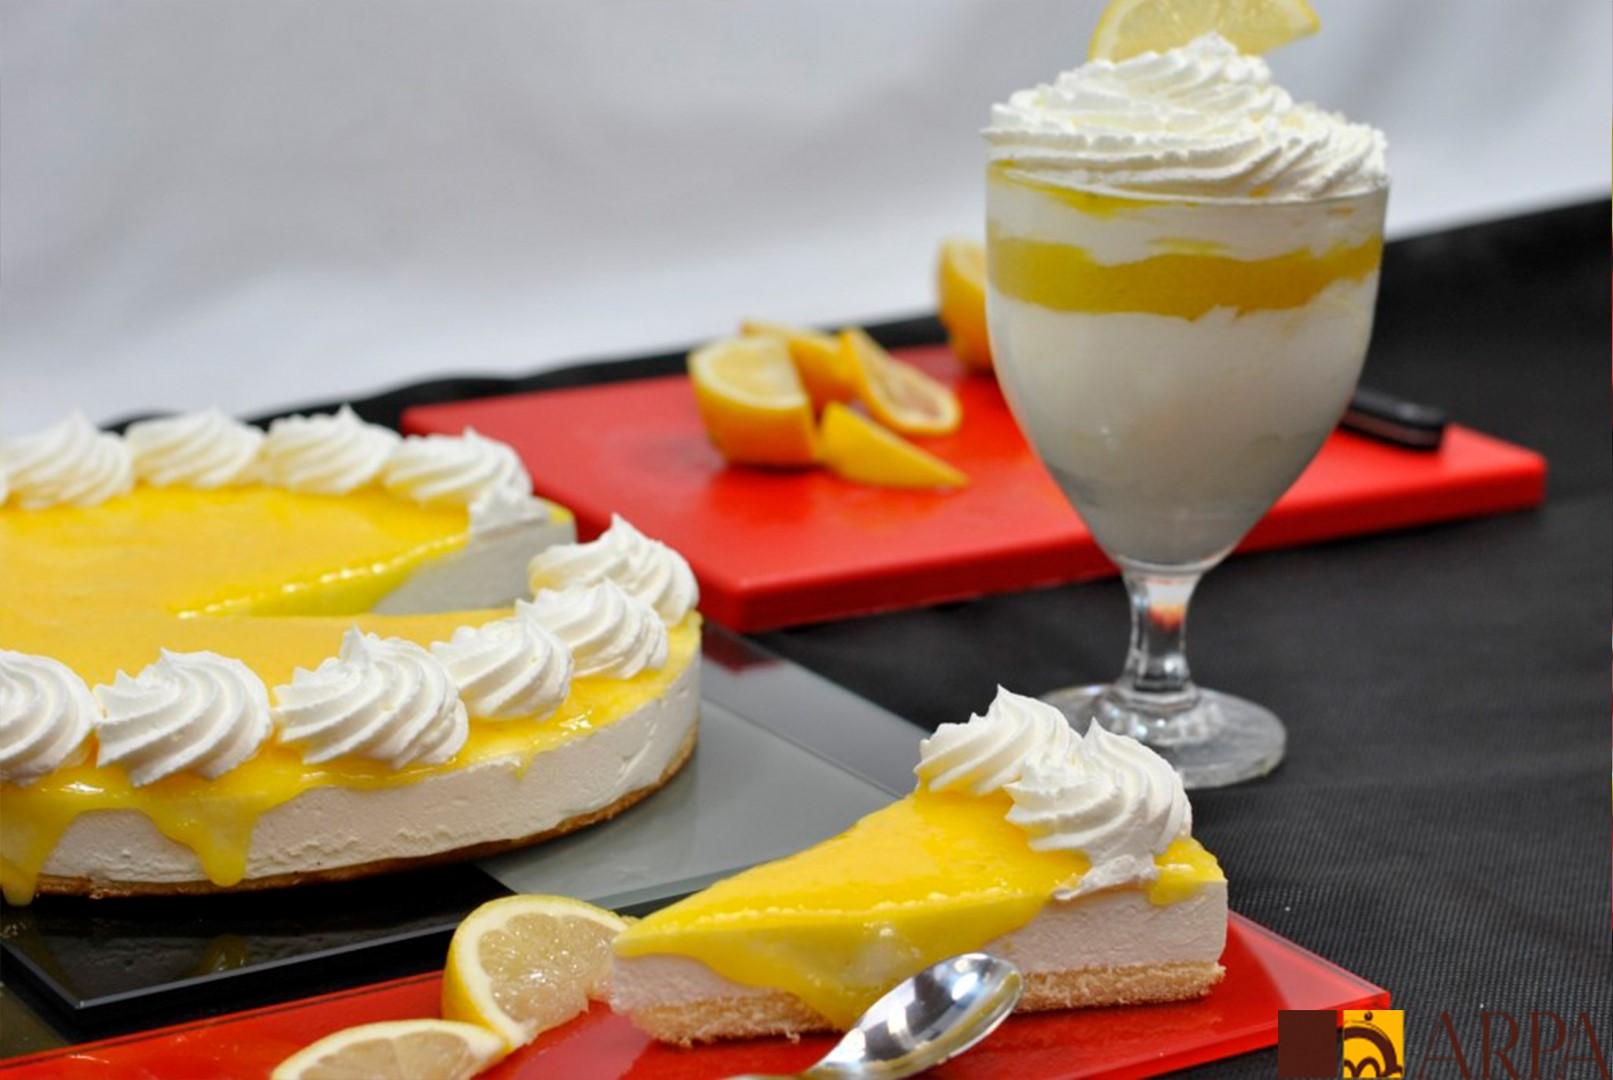 Presentación del mousse de limón elaborado con pulpa y zumo de limón natural